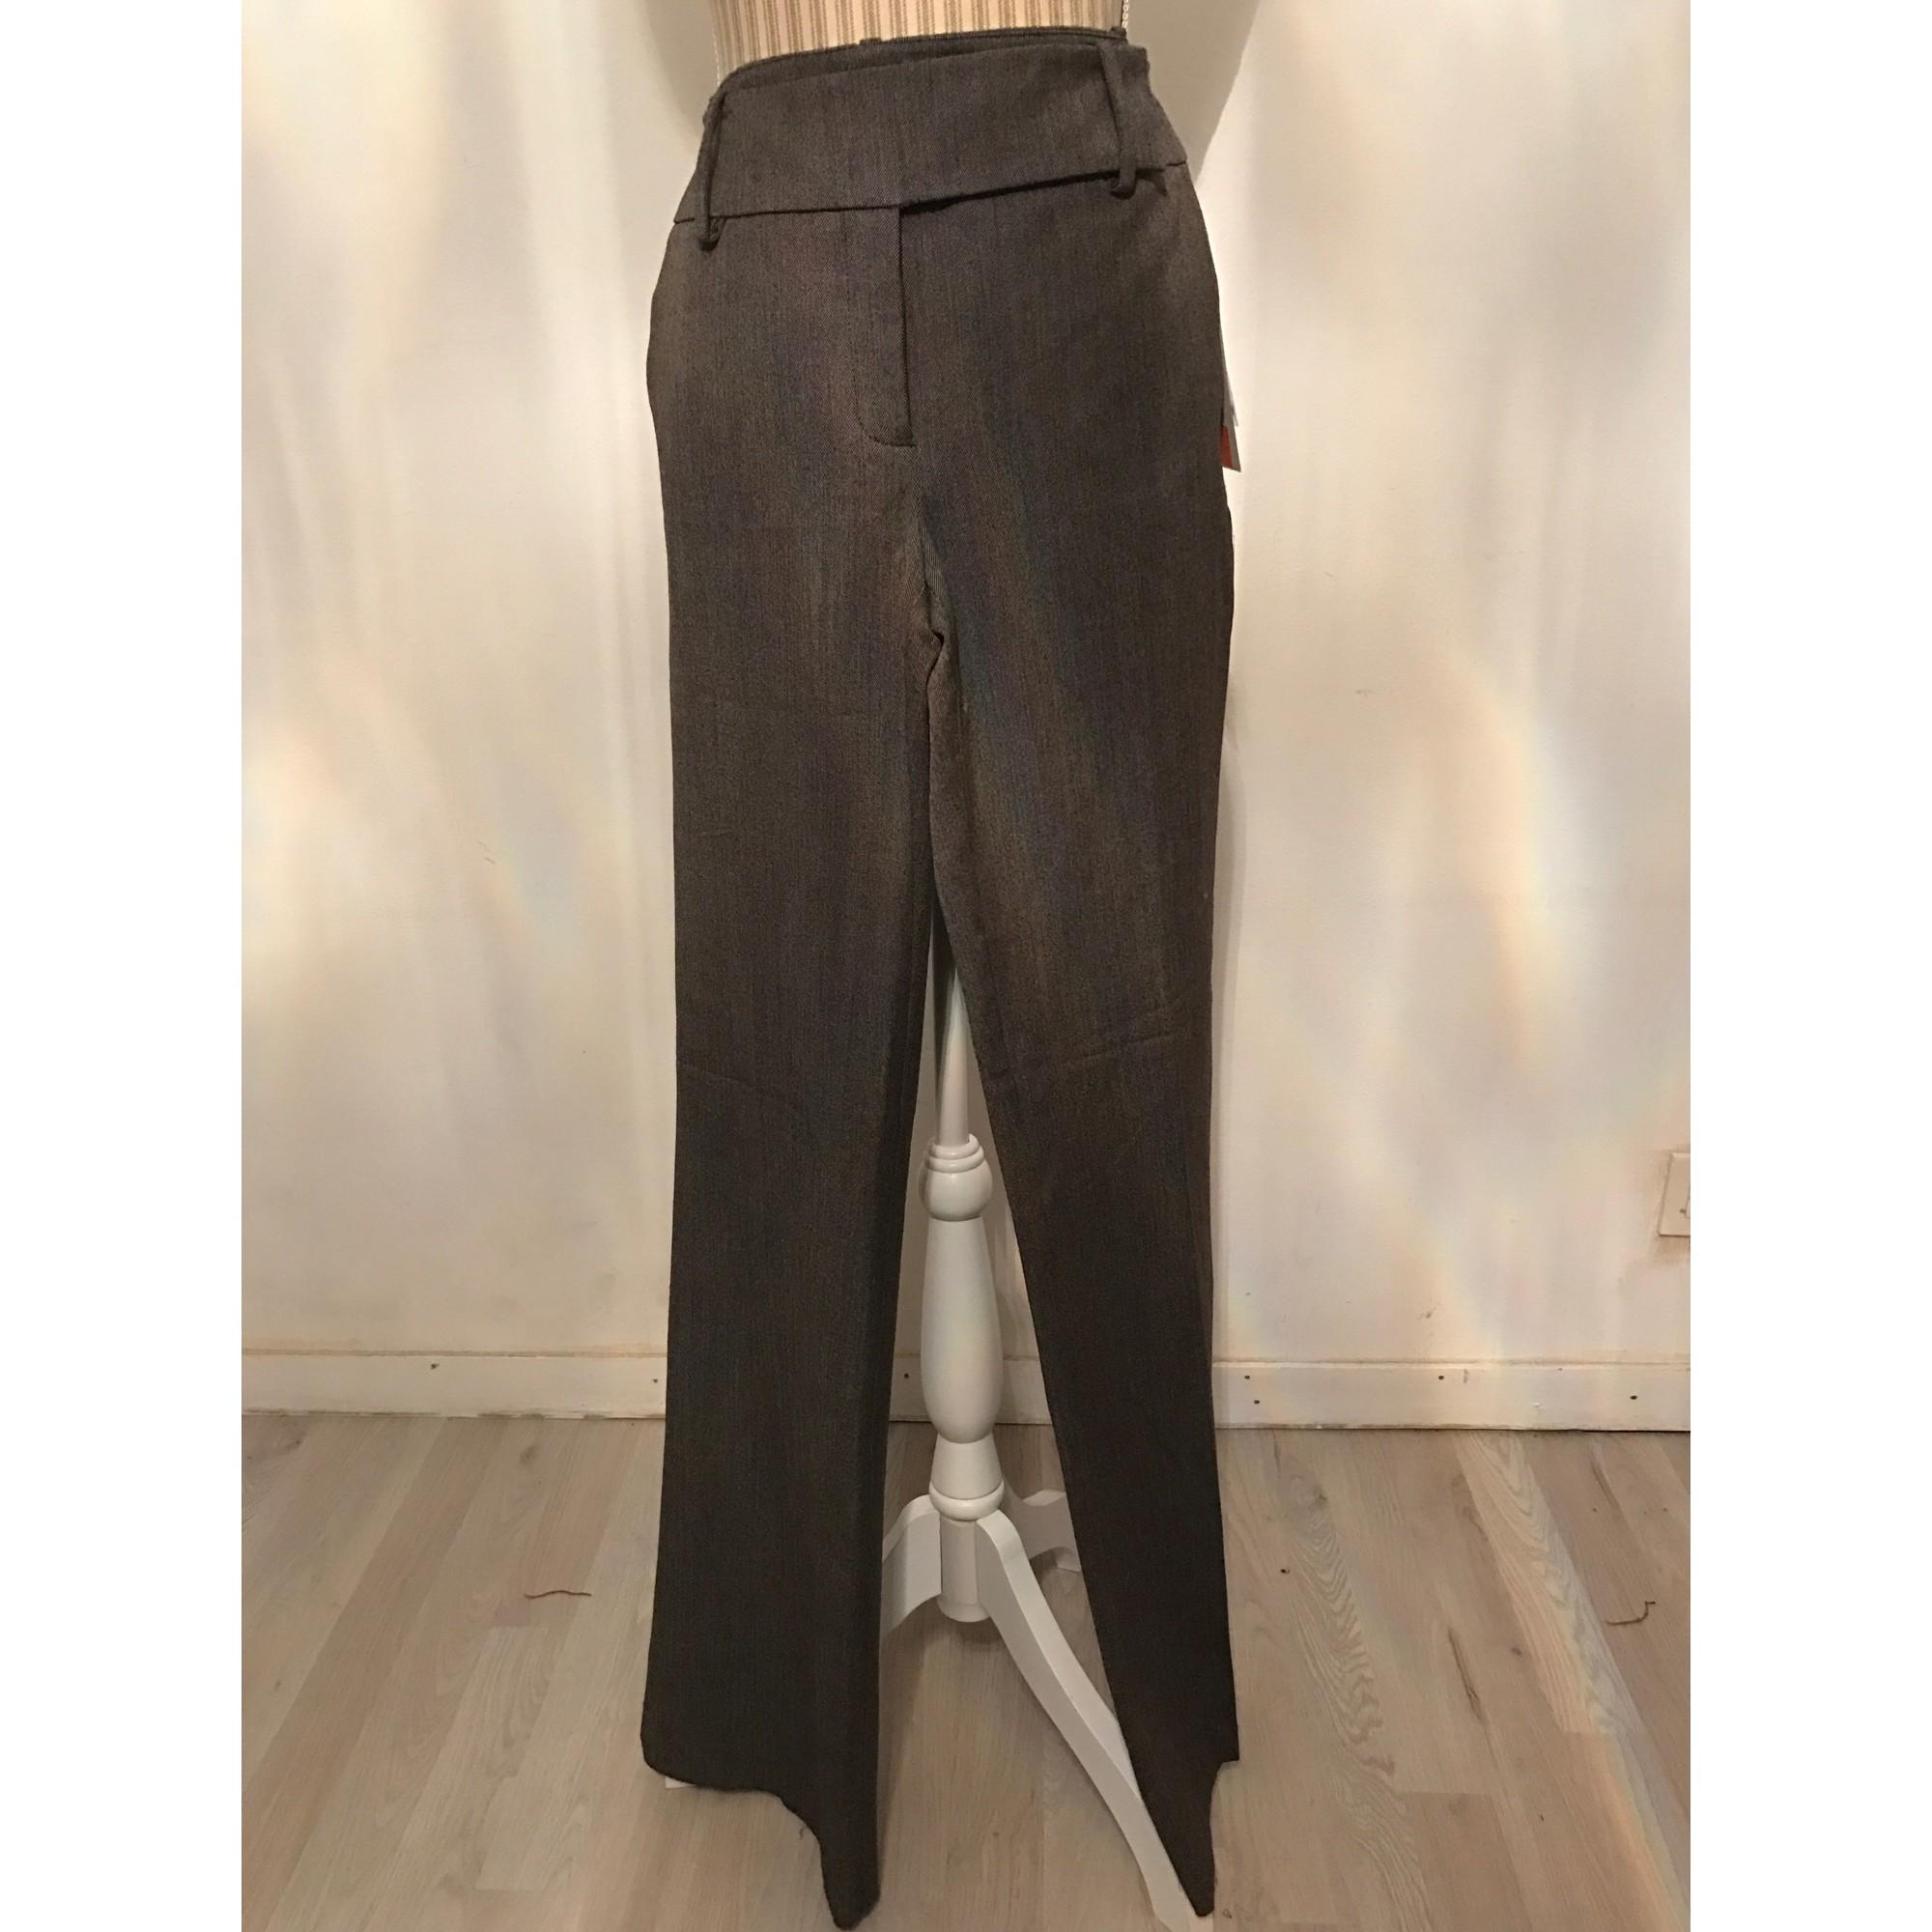 Pantalon large ZARA Gris, anthracite